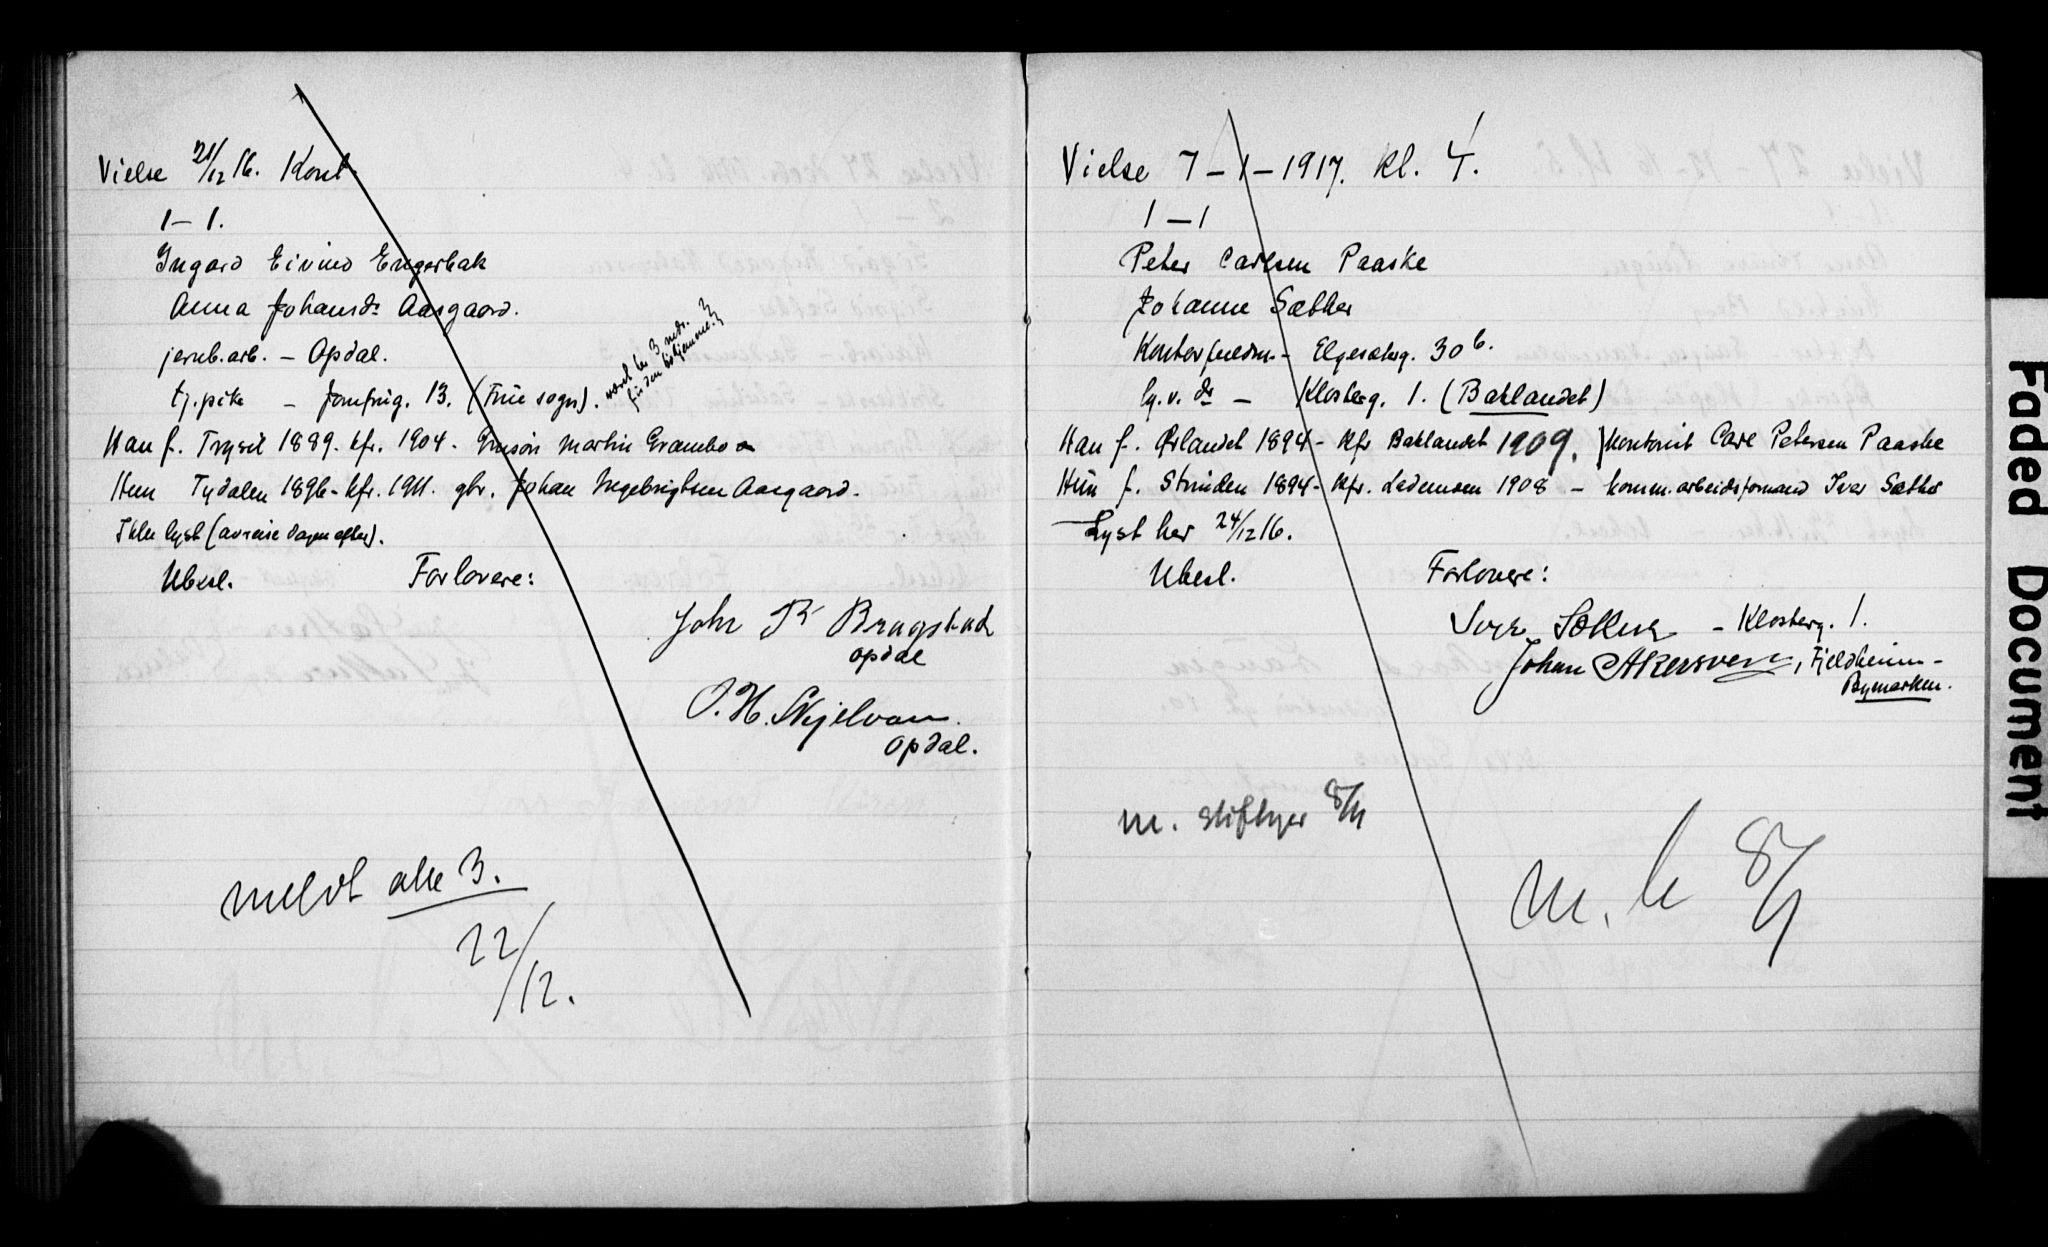 SAT, Ministerialprotokoller, klokkerbøker og fødselsregistre - Sør-Trøndelag, 601/L0076: Lysningsprotokoll nr. 601B09, 1915-1917